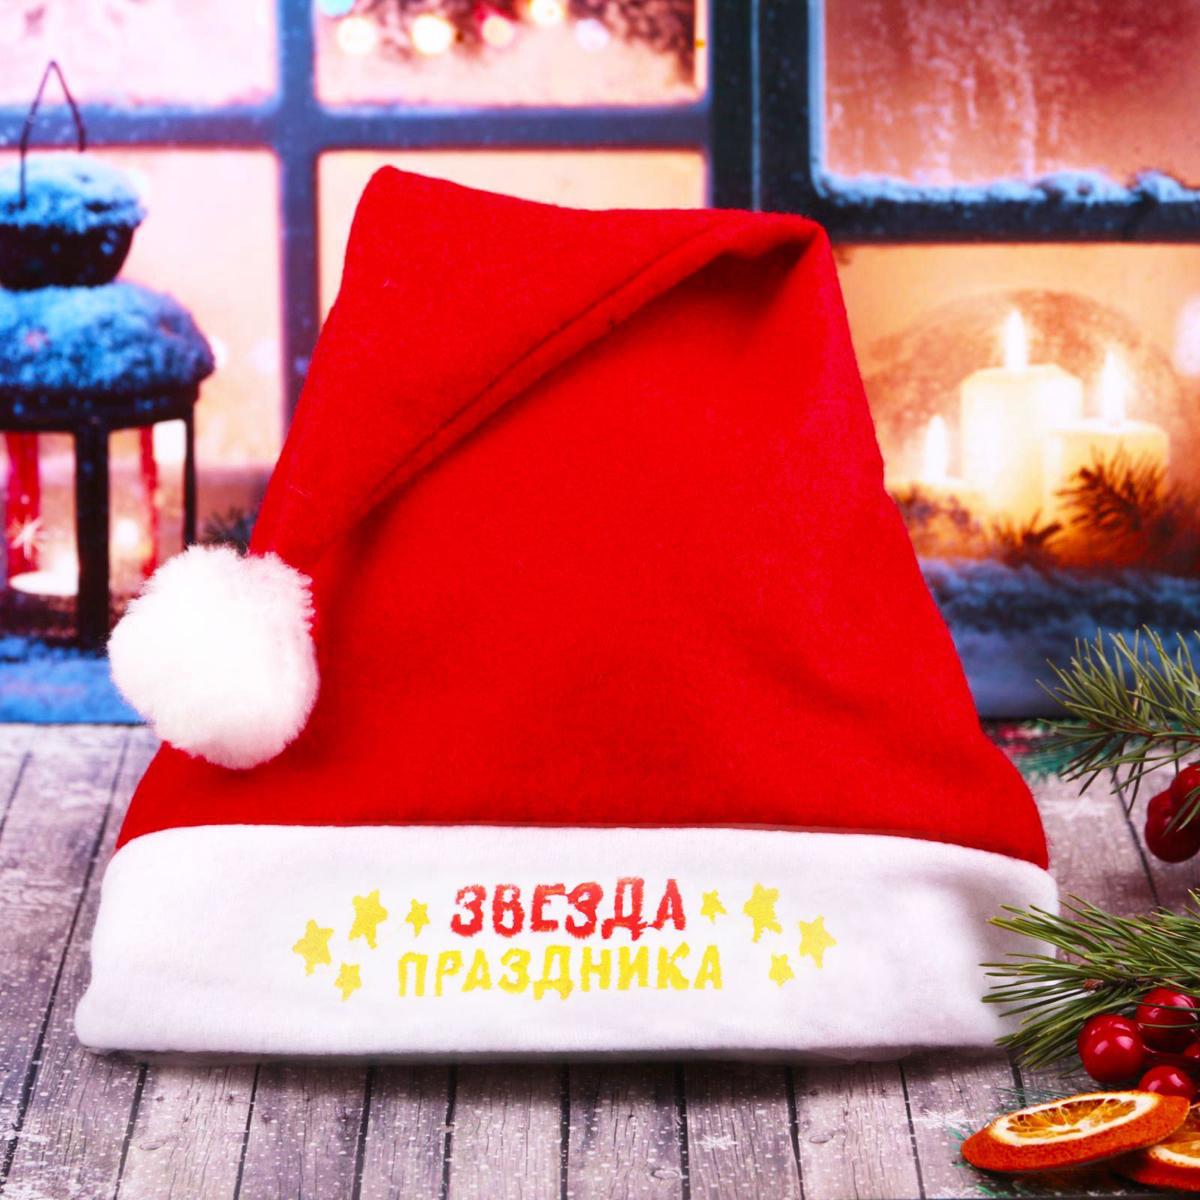 Колпак Звезда праздника, 41 х 27 см2268090Колпак — традиционный новогодний головной убор, который дополнит любой праздничный костюм. Будет это корпоративная вечеринка, утренник в школе или отдых в компании друзей — изделие поднимет настроение, где бы вы ни находились. Колпачок подойдет тем, кто собирается отмечать зимний праздник в помещении. В противном случае его следует надеть на теплую шапку, чтобы не простудиться.